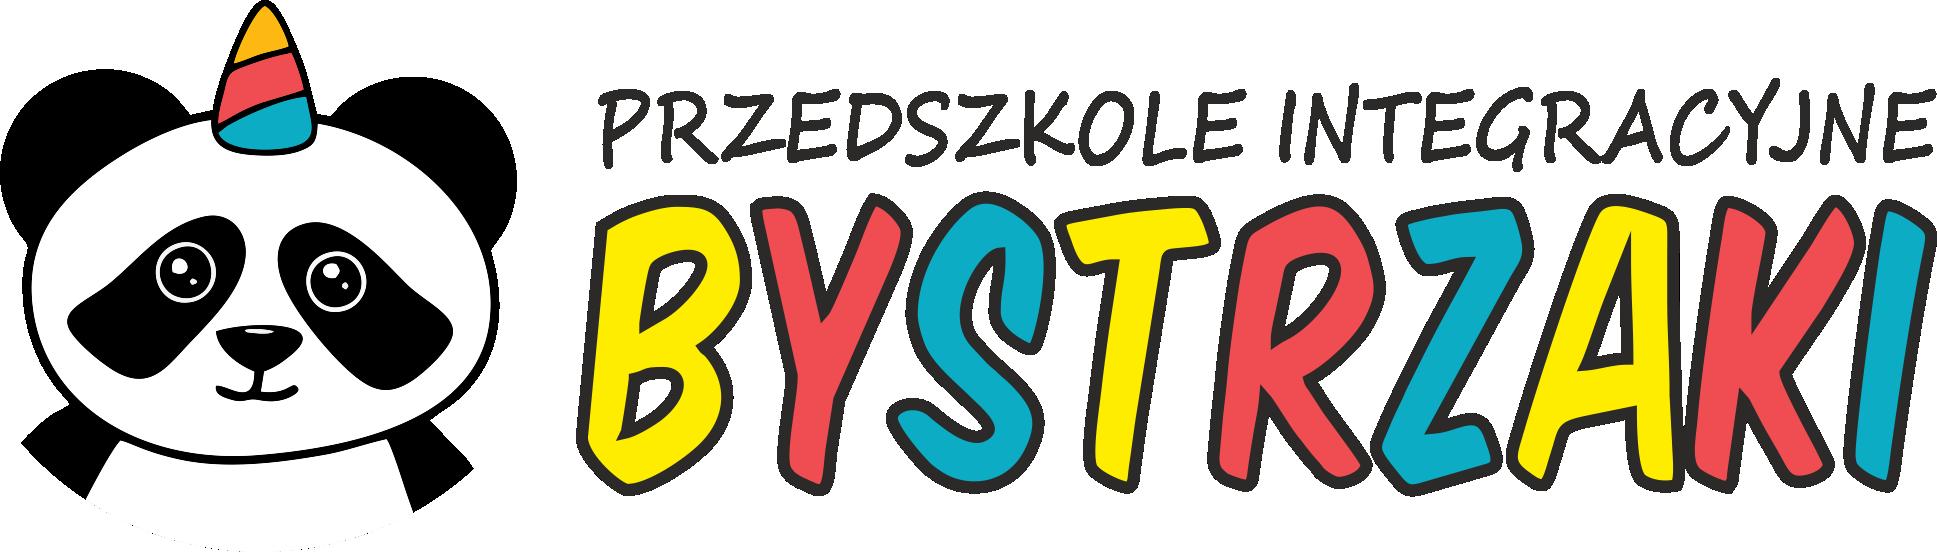 Przedszkole i Żłobek Bystrzaki Szczecin